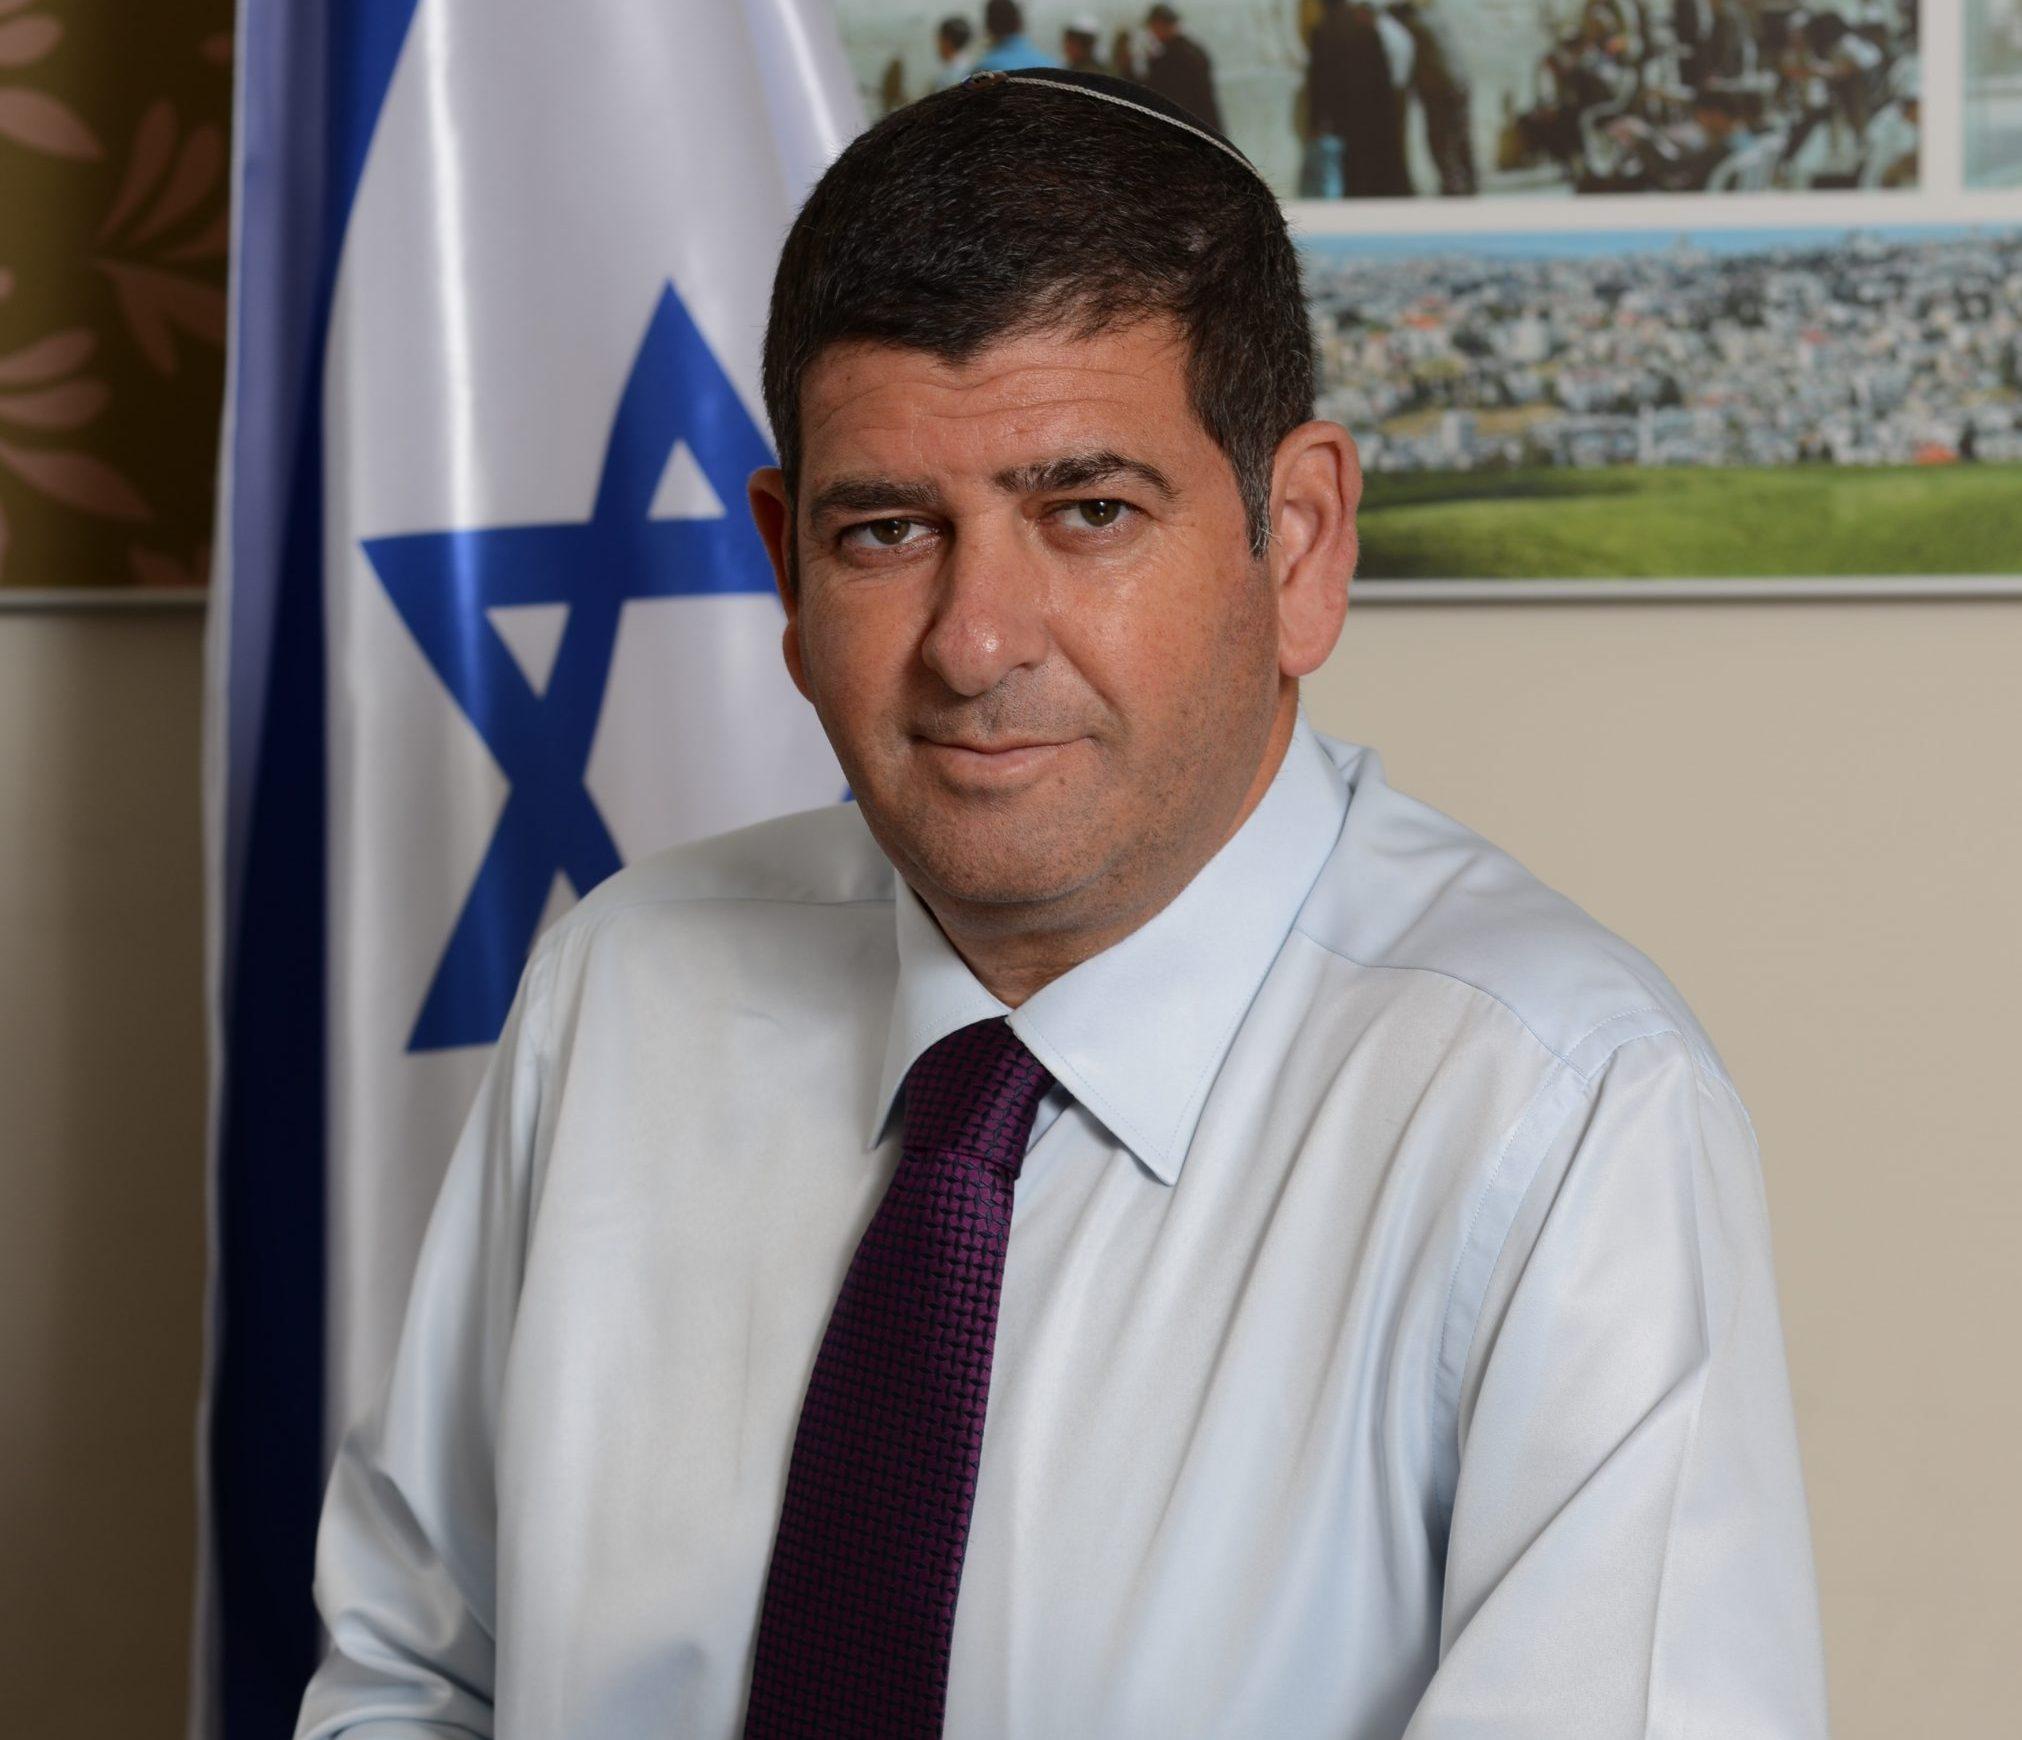 יוסי ברודני ראש עיריית גבעת שמואל. צילום: דוברות גבעת שמואל